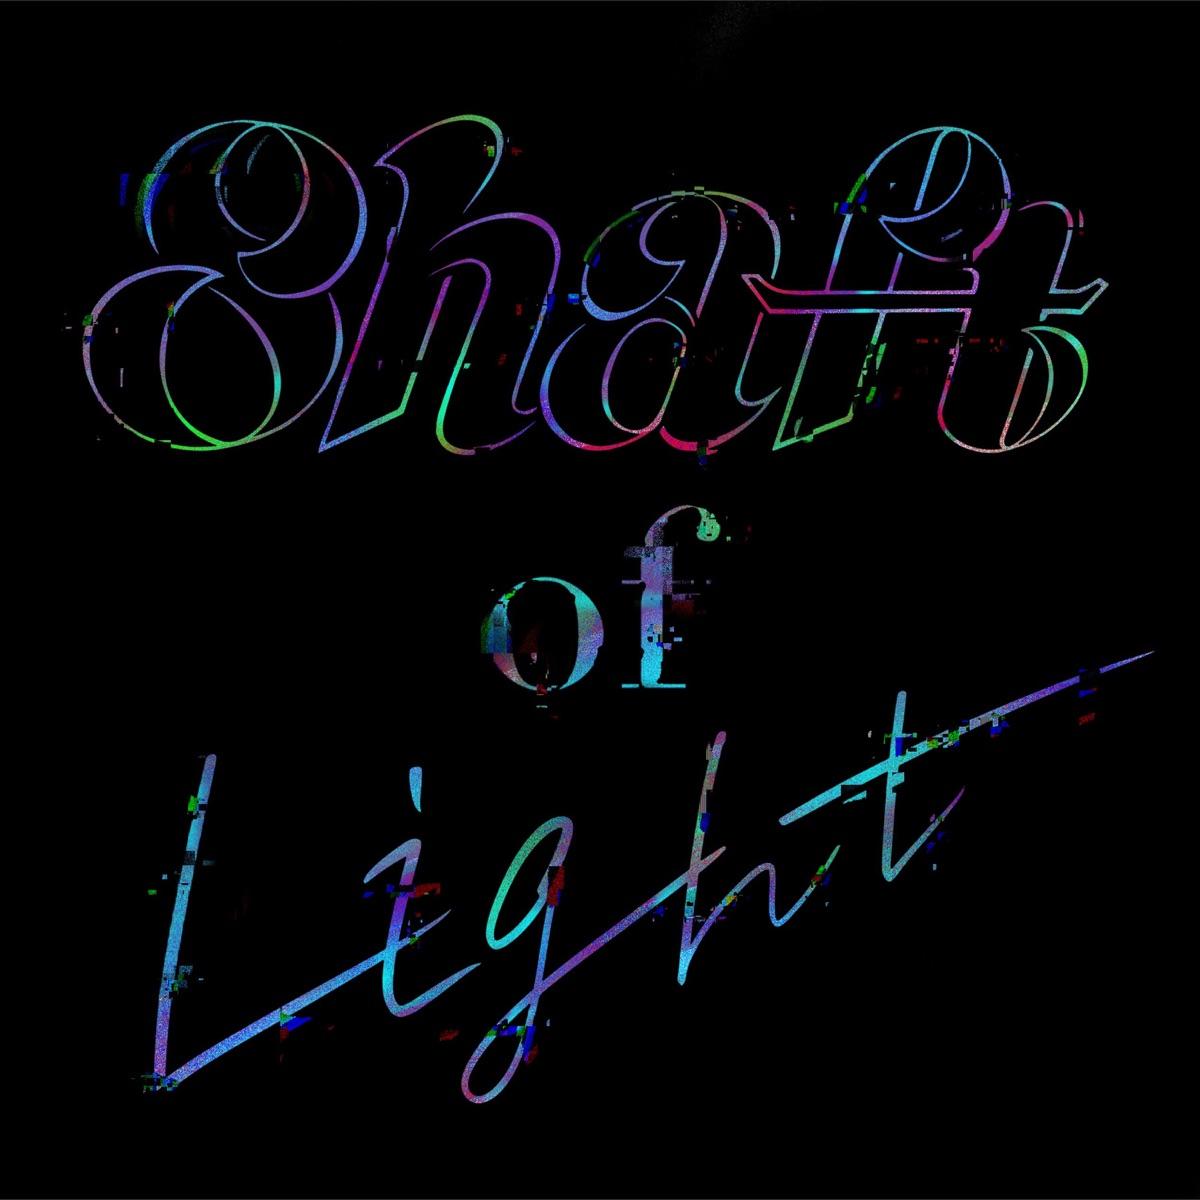 『岡野昭仁 - Shaft of Light』収録の『Shaft of Light』ジャケット